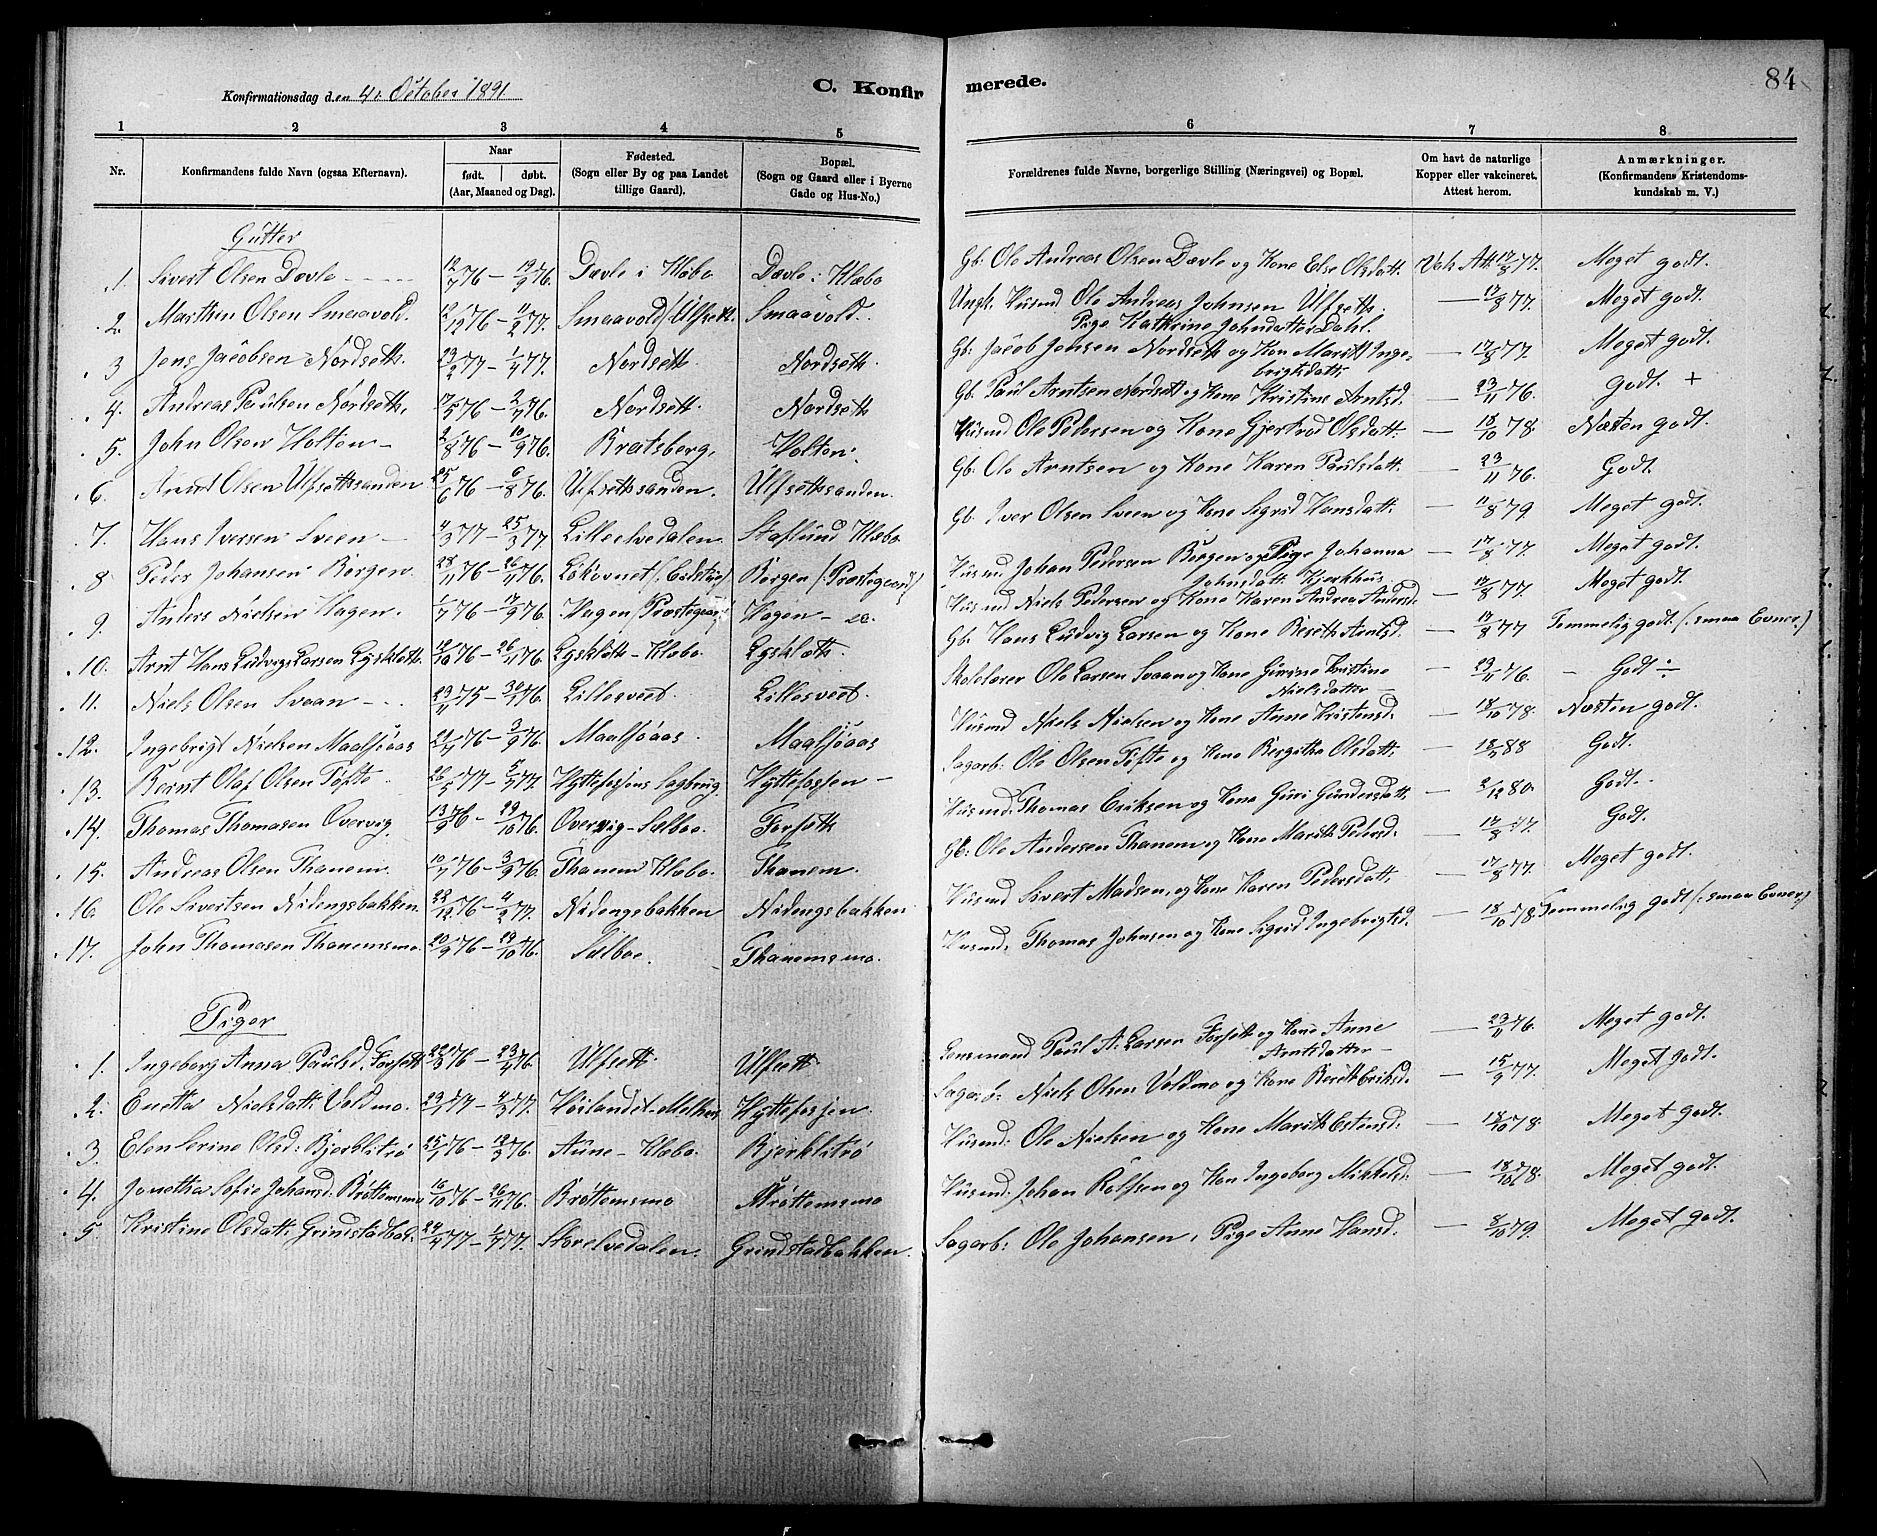 SAT, Ministerialprotokoller, klokkerbøker og fødselsregistre - Sør-Trøndelag, 618/L0452: Klokkerbok nr. 618C03, 1884-1906, s. 84